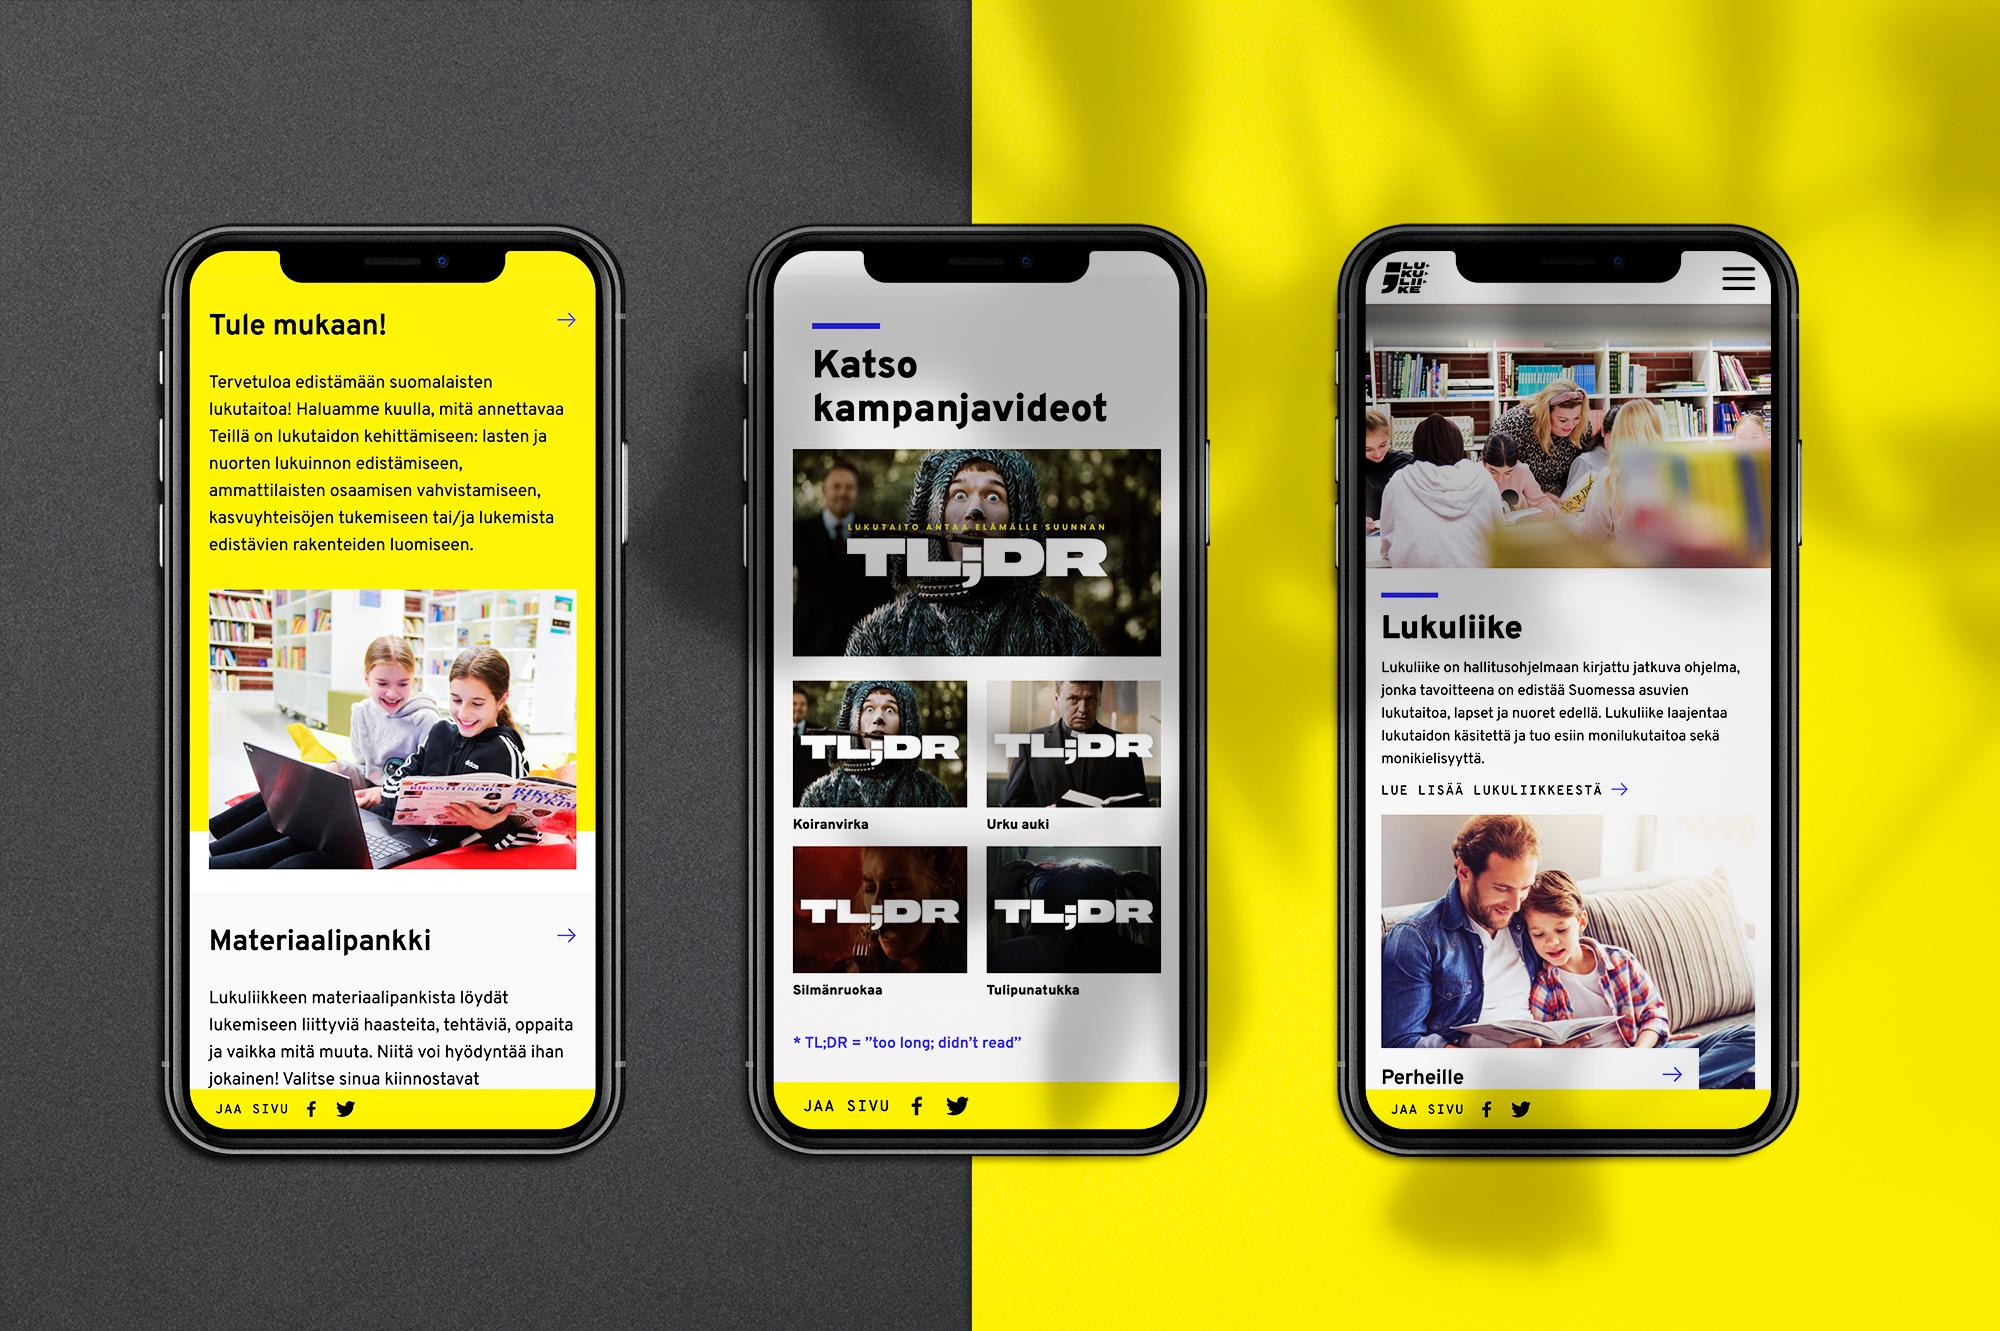 Lukuliike verkkosivuston mobiilinäkymiä